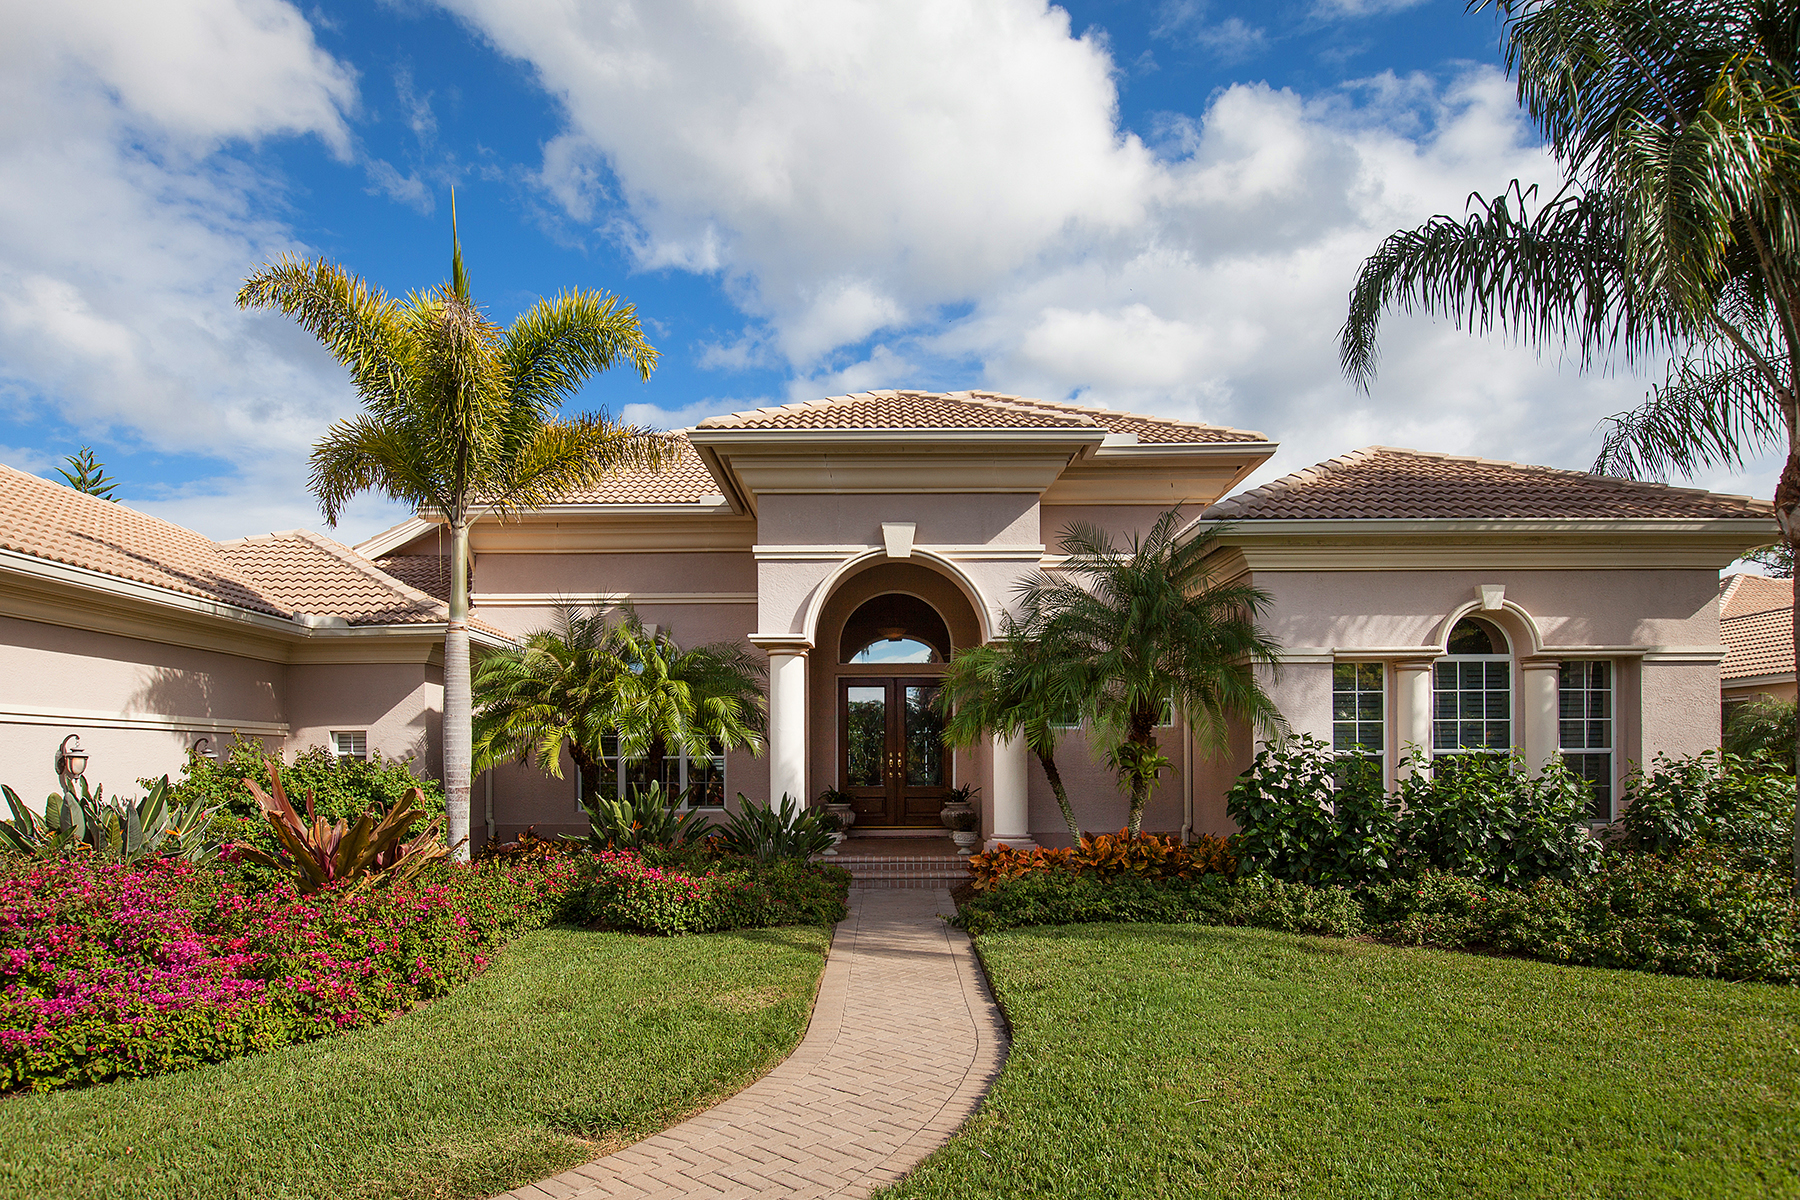 Maison unifamiliale pour l Vente à THE OAKS CLUB SIDE 510 E Macewen Dr Osprey, Florida 34229 États-Unis